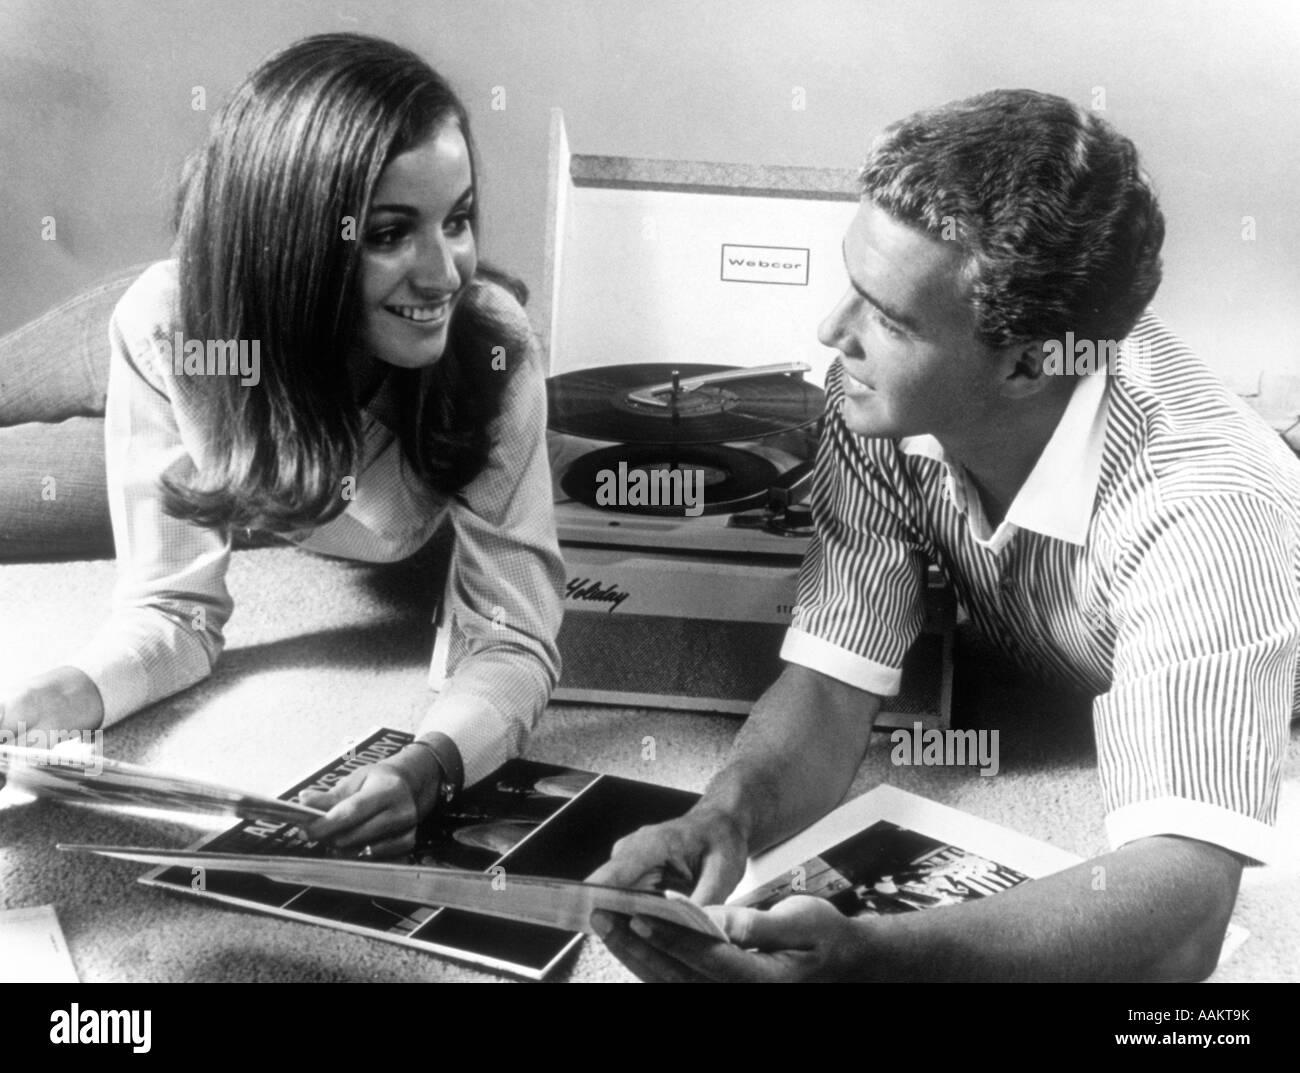 1960 pareja de adolescentes jugando LP de vinilo en el fonógrafo portátil Imagen De Stock